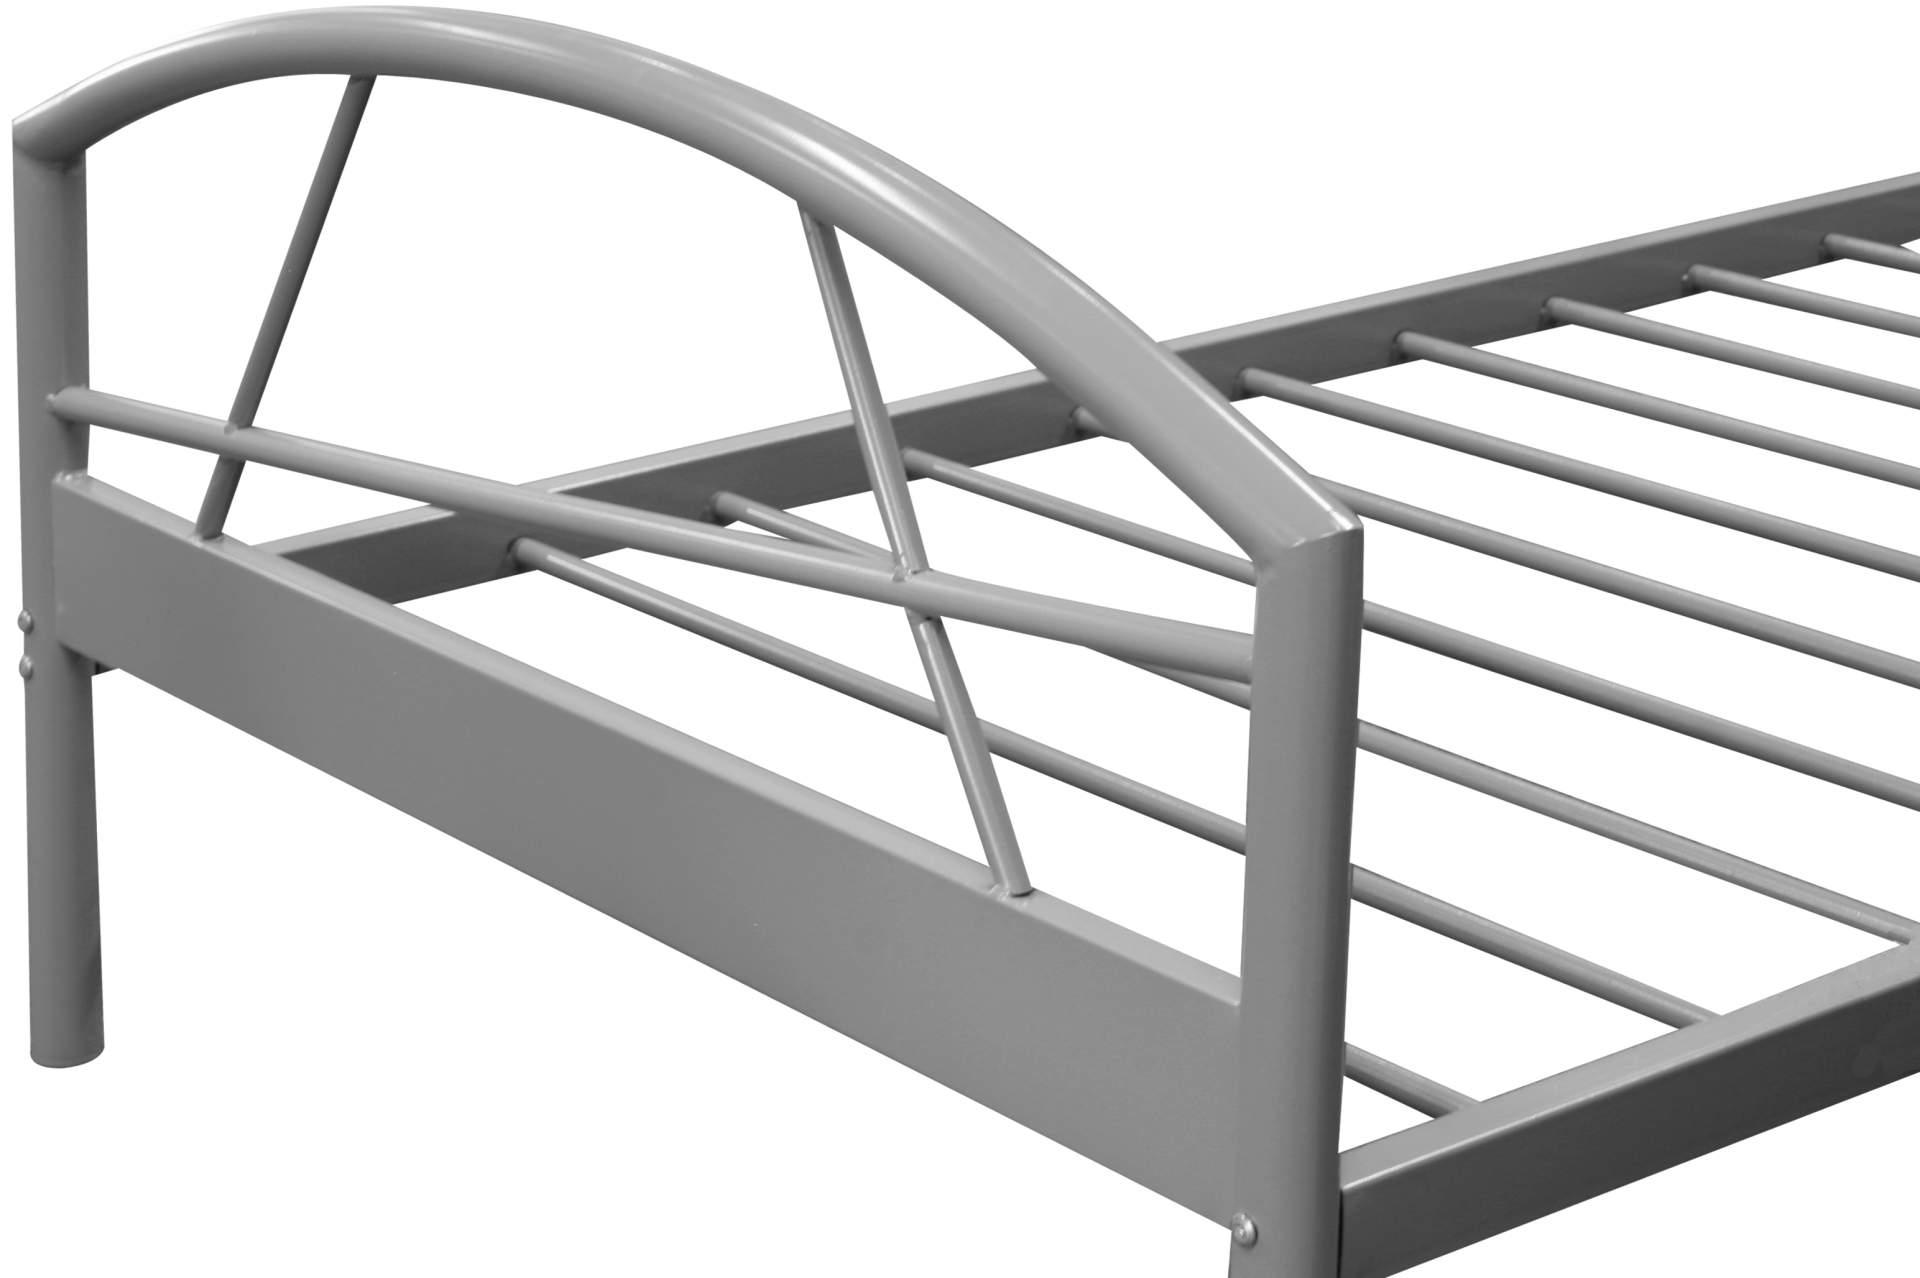 Etagenbett Metall Sconto : Bettgestell aus metall landhaus bett julmatra in